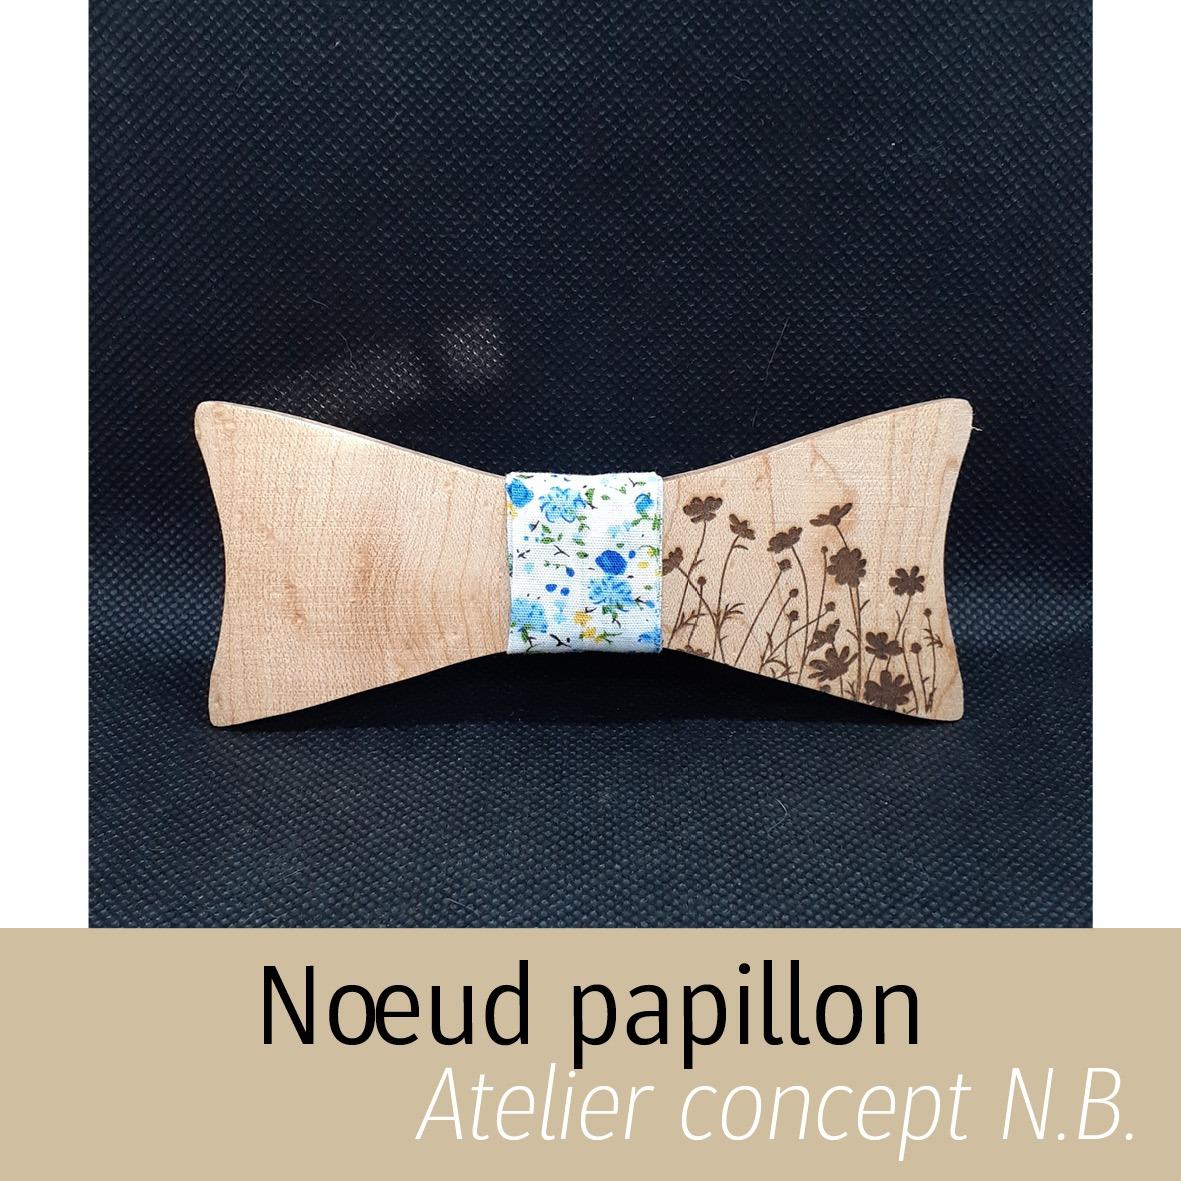 Noeud papillon Atelier N.B.